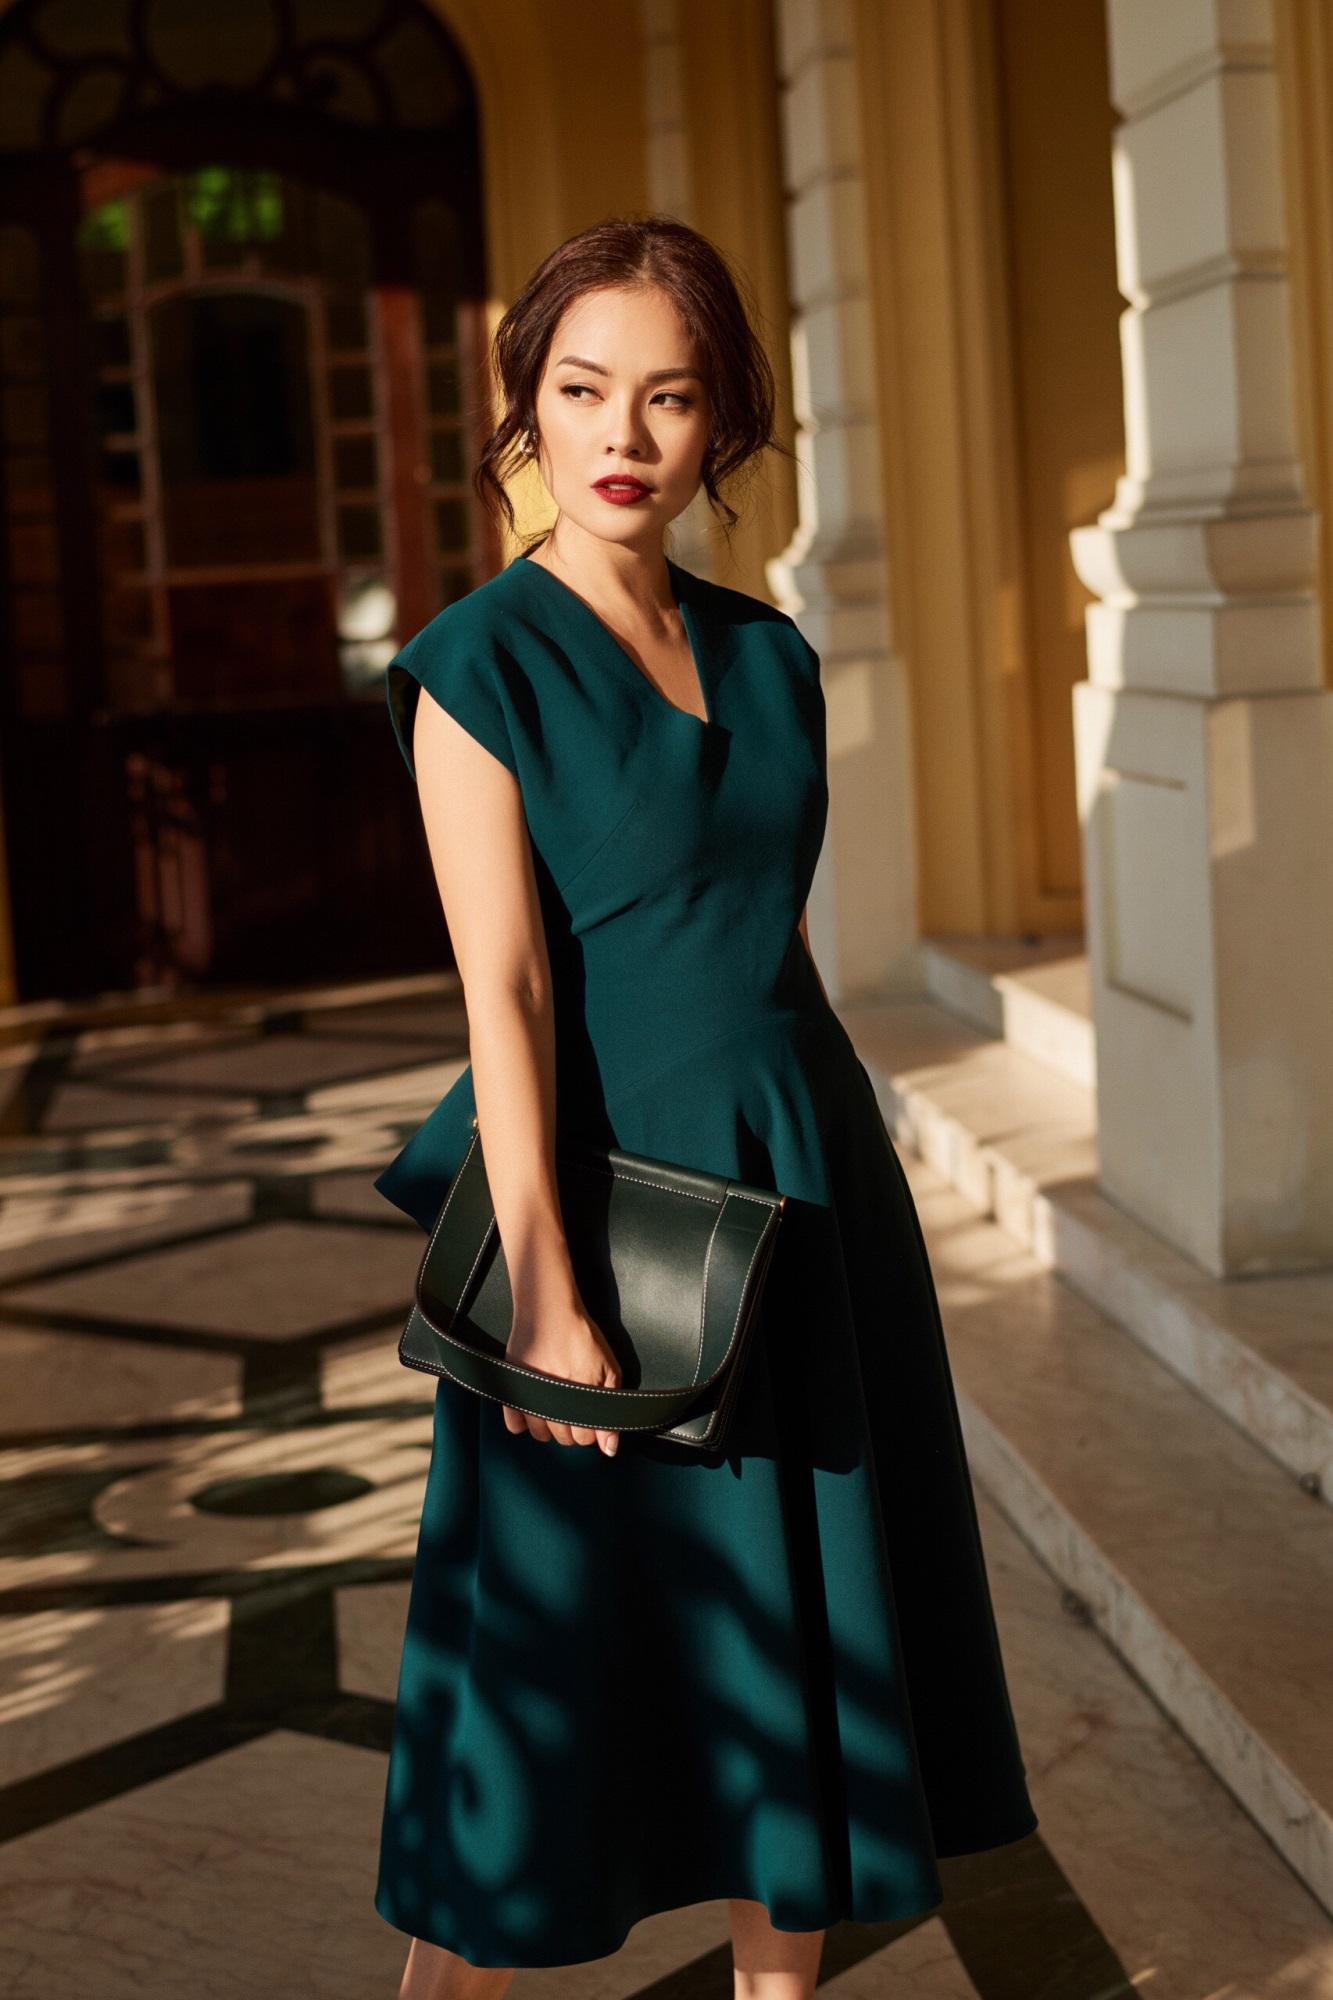 'Bà mẹ đơn thân' Dương Cẩm Lynh khoe nhan sắc rạng ngời với street style sang trọng - Ảnh 10